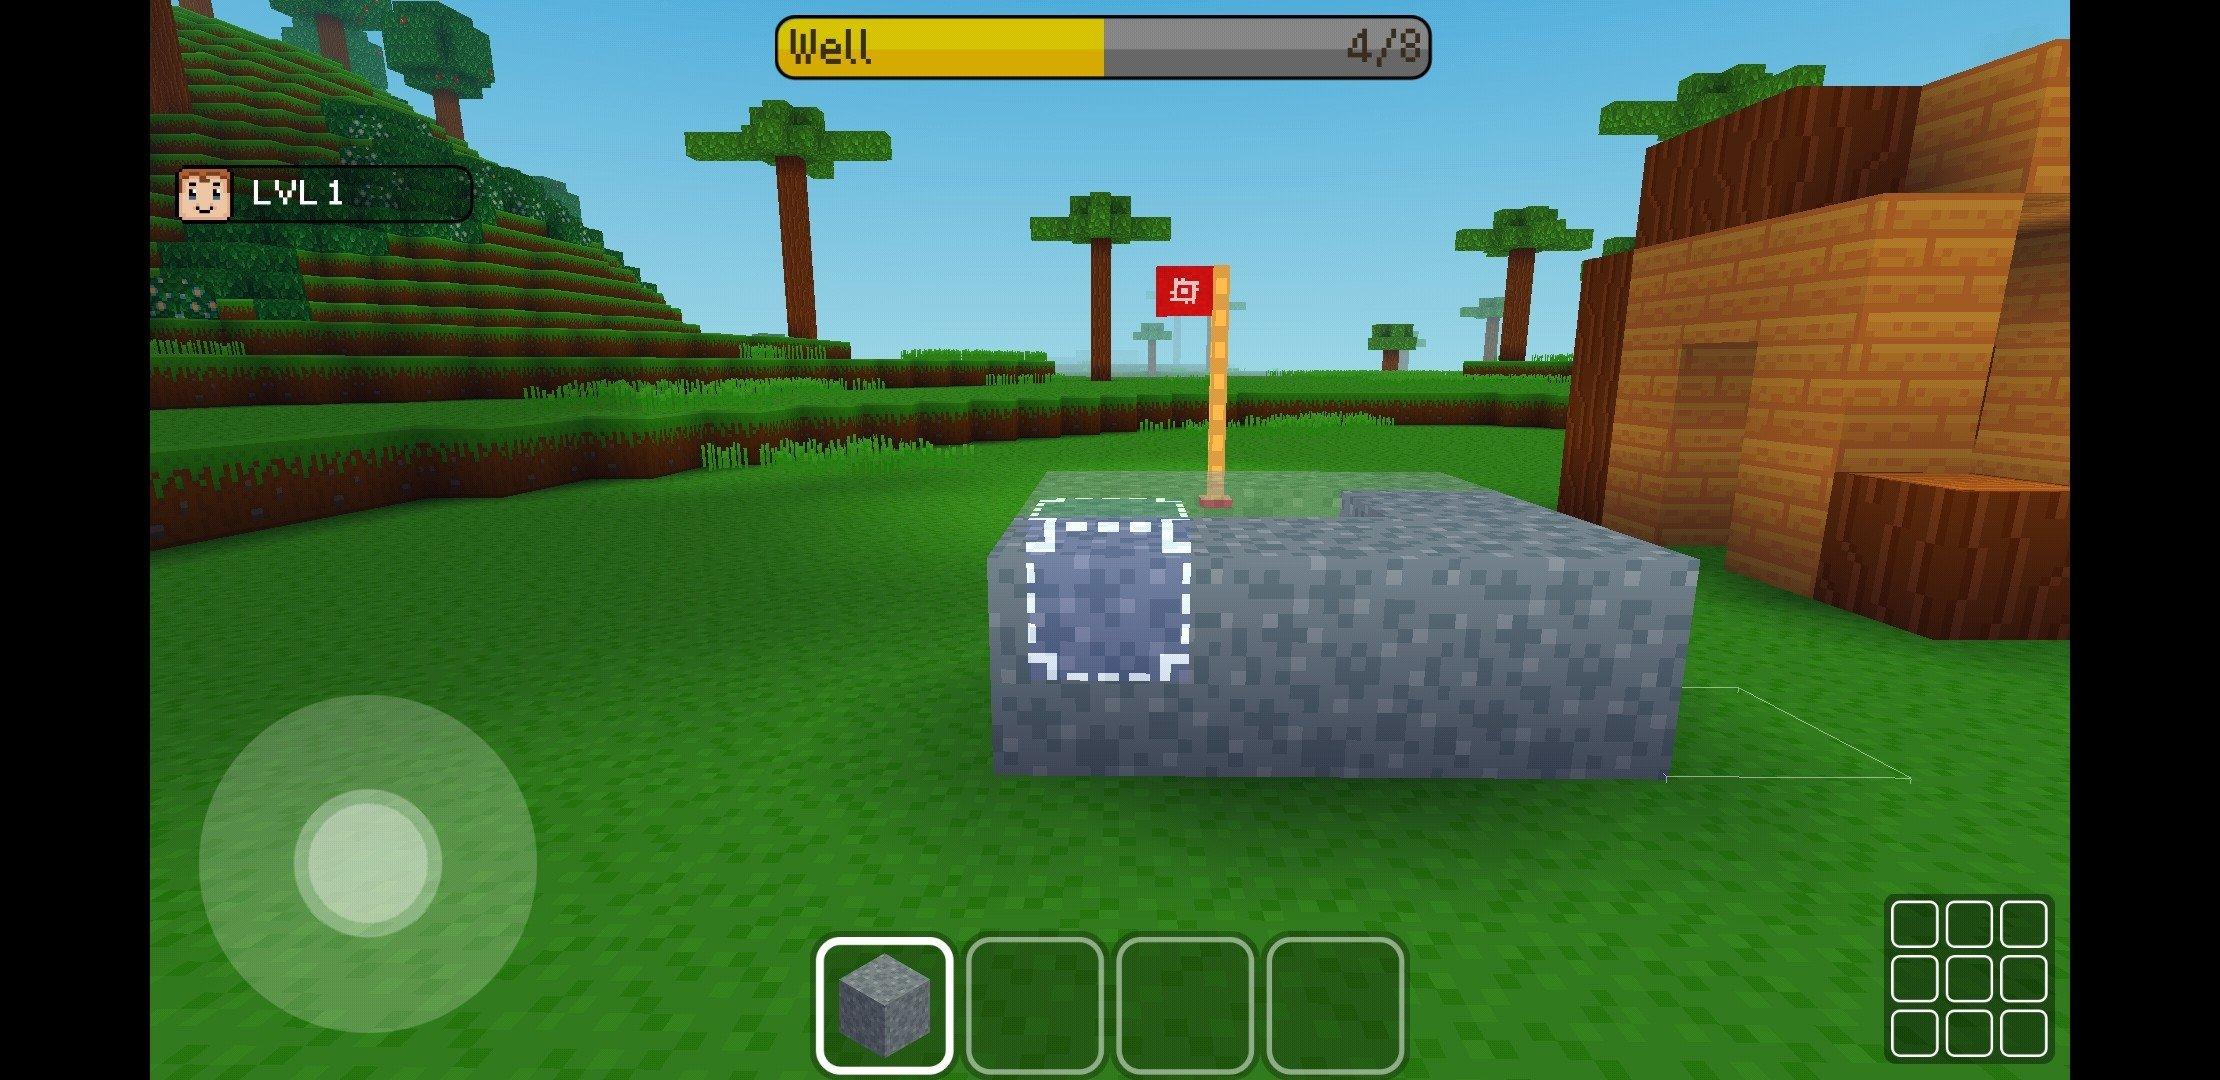 block craft 3d hack apk gemas infinitas